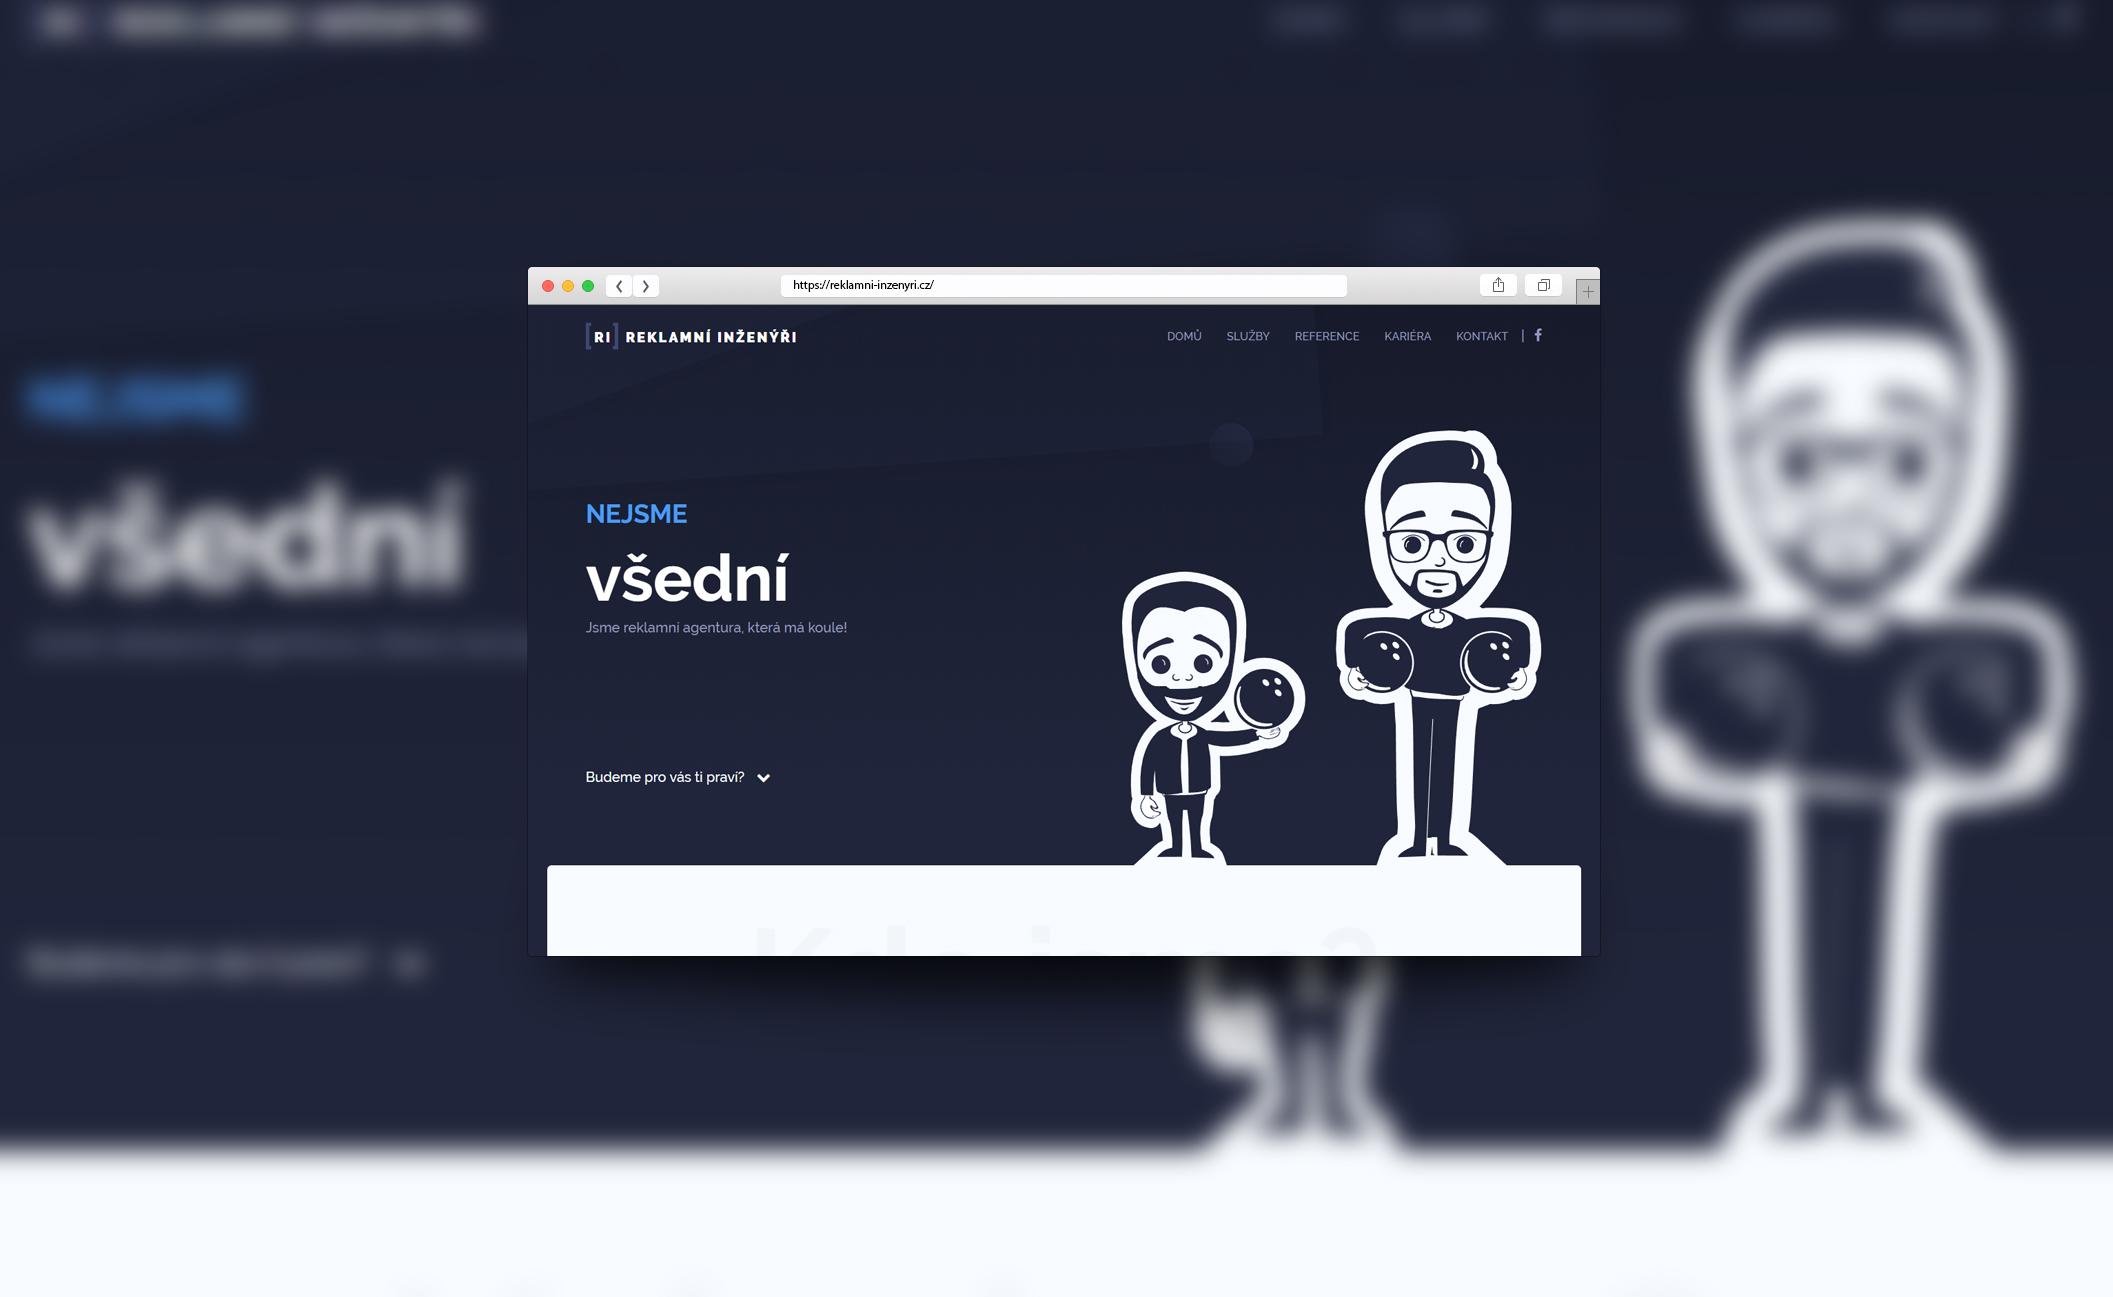 Web Reklamní Inženýři